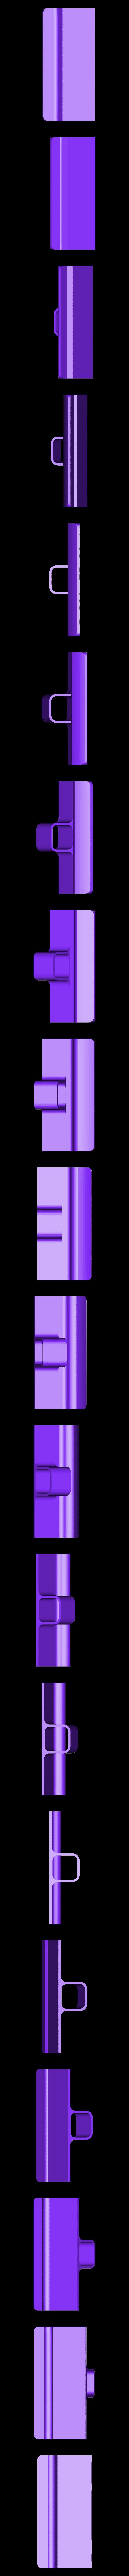 Outlet_Shelf.stl Télécharger fichier STL gratuit Wall Outlet Shelf • Objet à imprimer en 3D, WallTosh